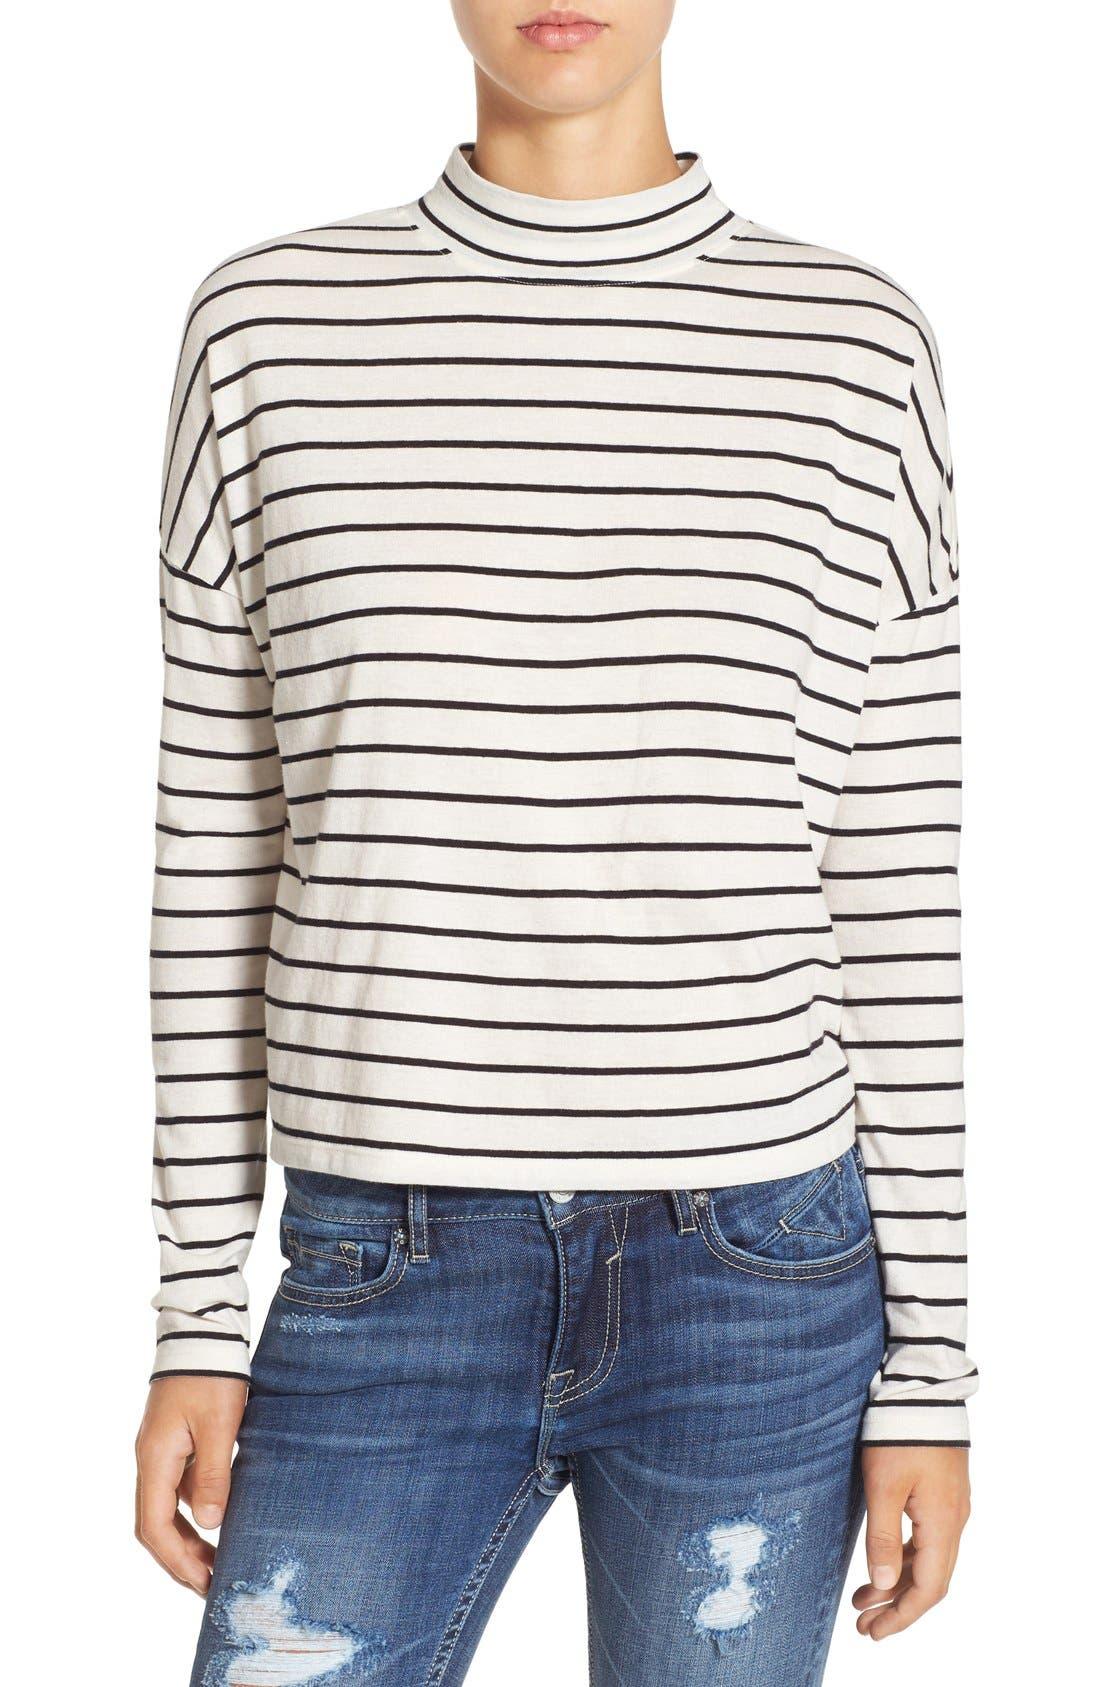 BP., Stripe Long Sleeve Mock Neck Tee, Main thumbnail 1, color, 900